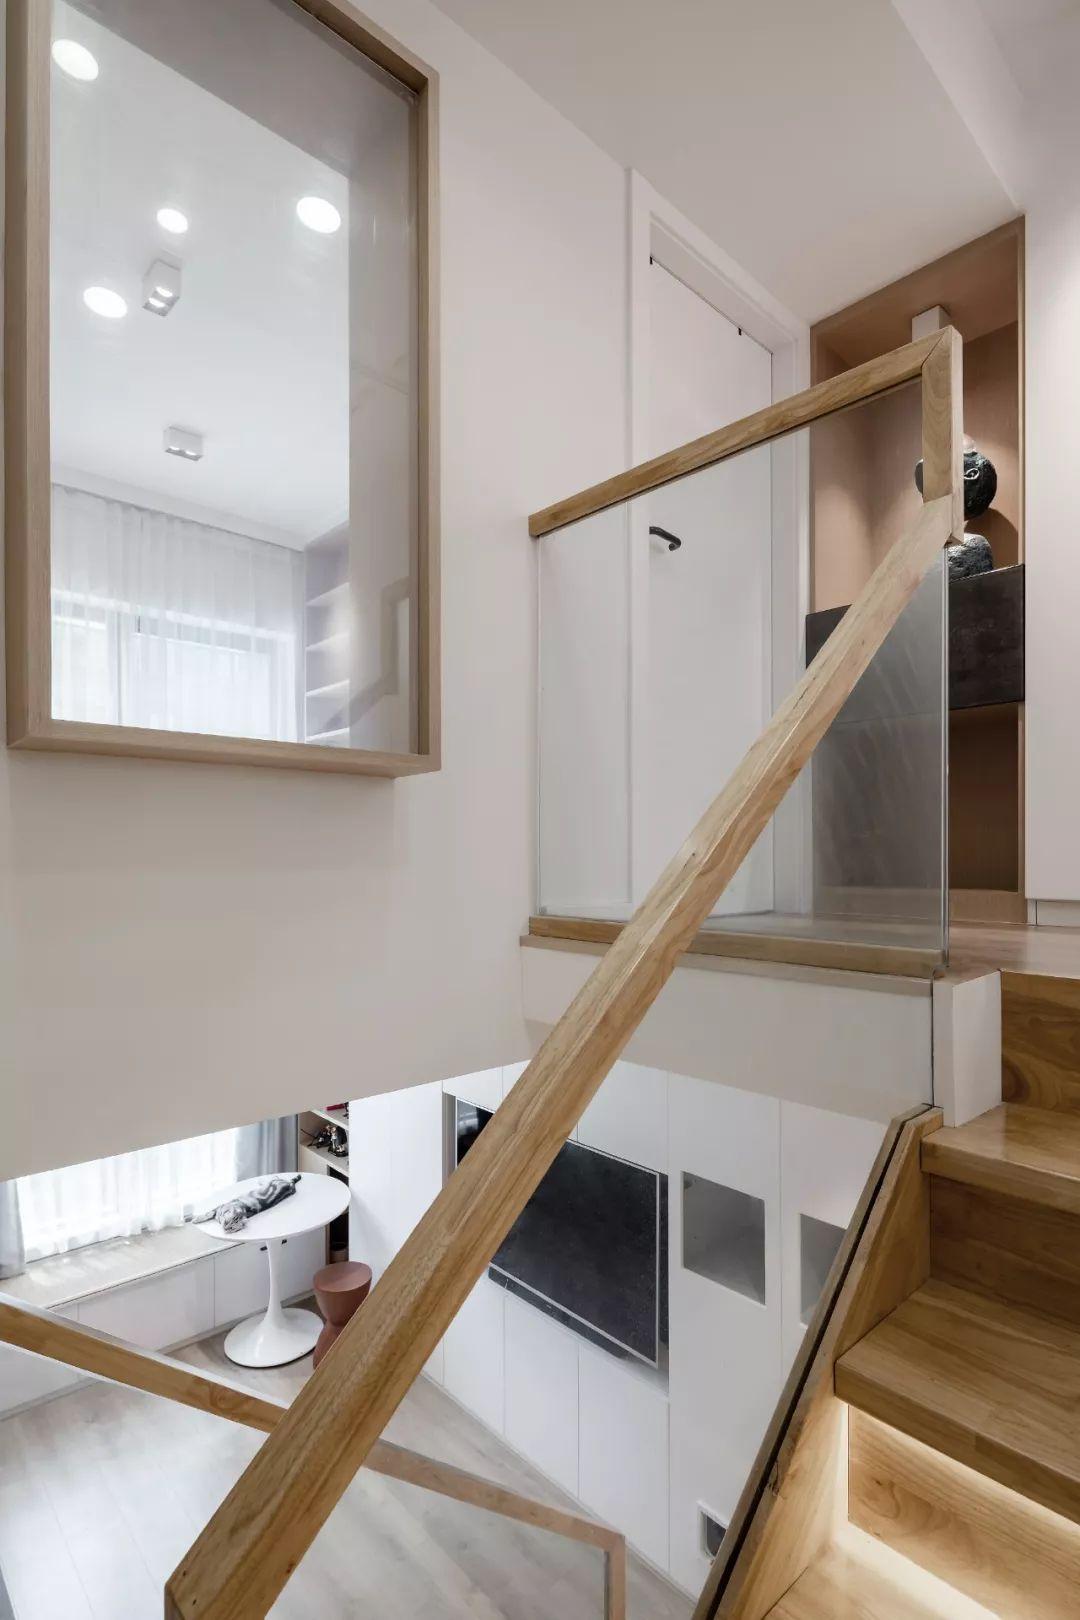 36㎡簡約風躍層單身公寓,過道加入收納柜更實用!-13